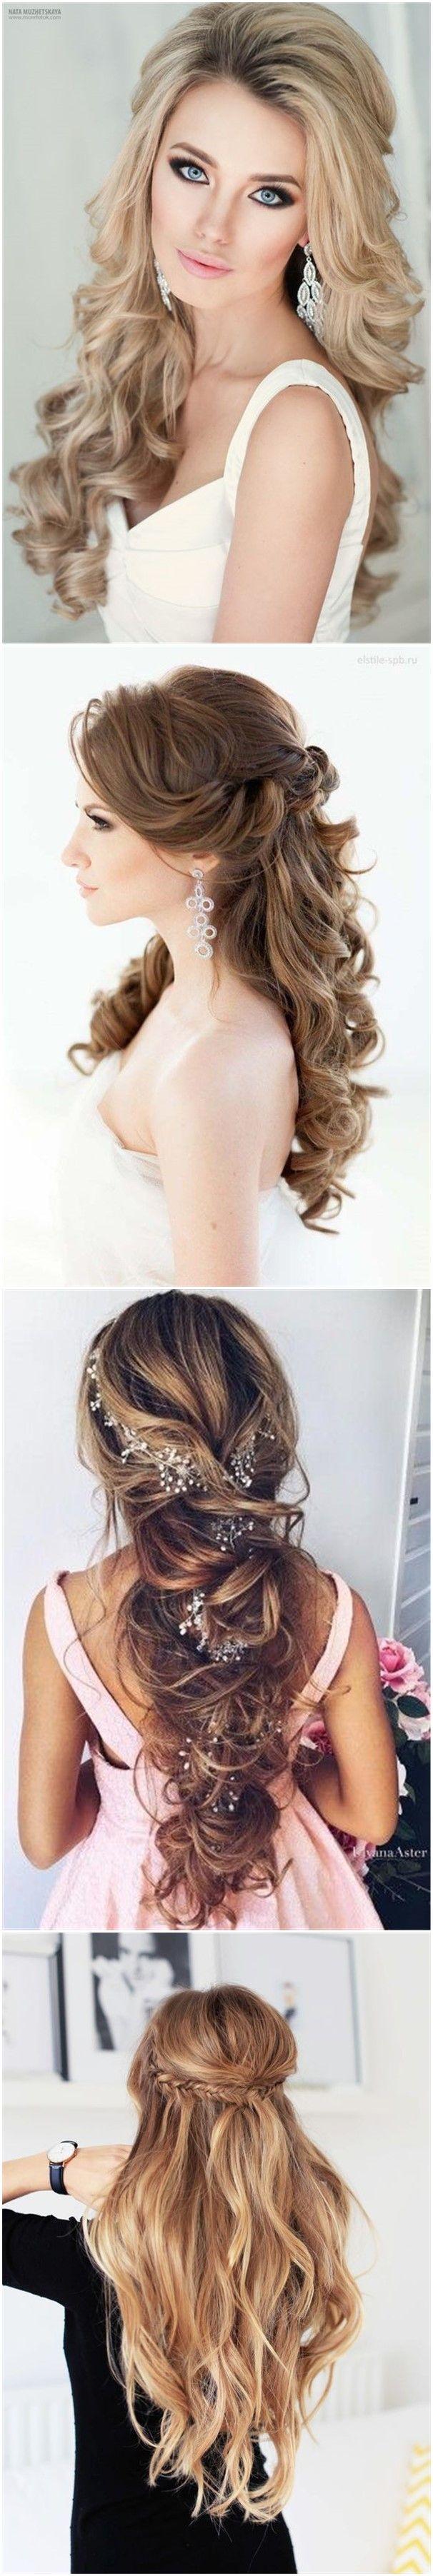 Best 25+ Unique wedding hairstyles ideas on Pinterest ...